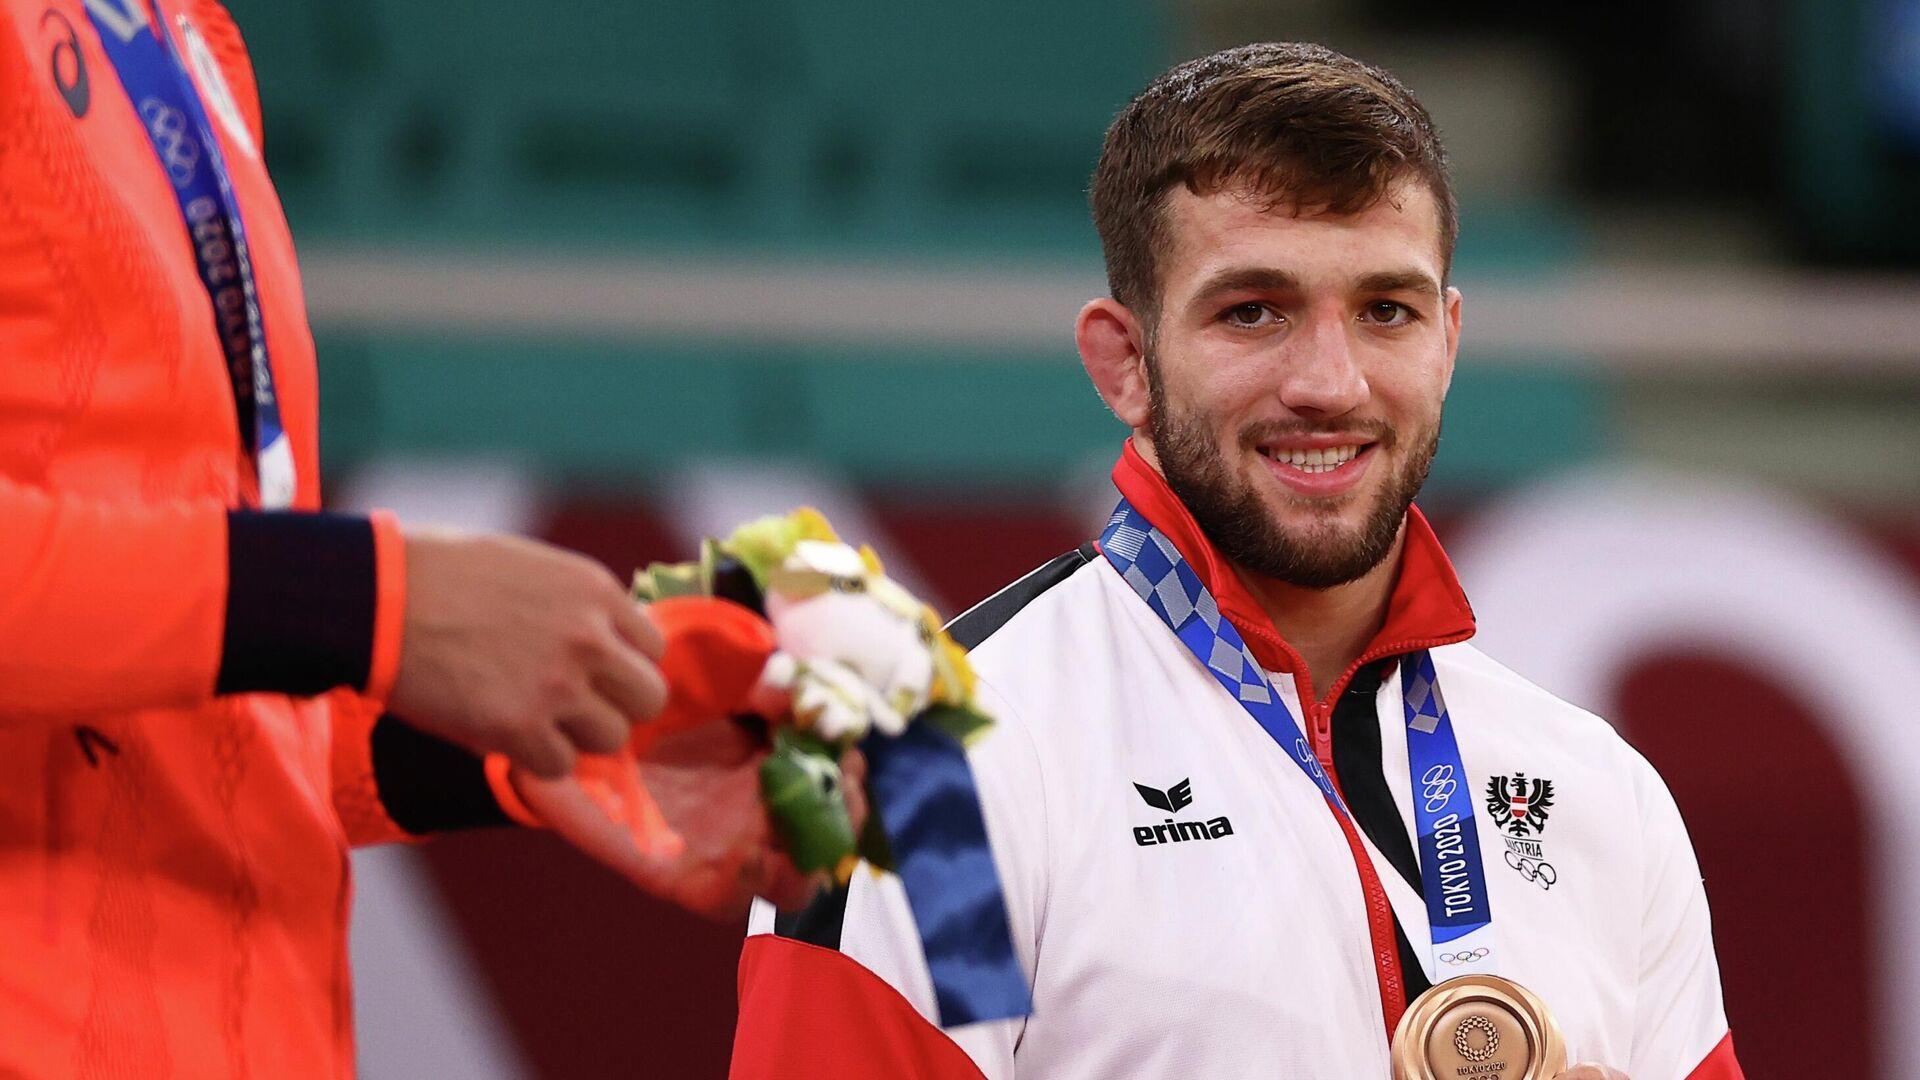 Bronzemedaillengewinner Shamil Borchashvili aus Österreich posiert mit seiner Medaille bei den Olympischen Spielen in Tokio in Judo, Männer 81 kg. den 27. Juli 2021. - SNA, 1920, 06.08.2021